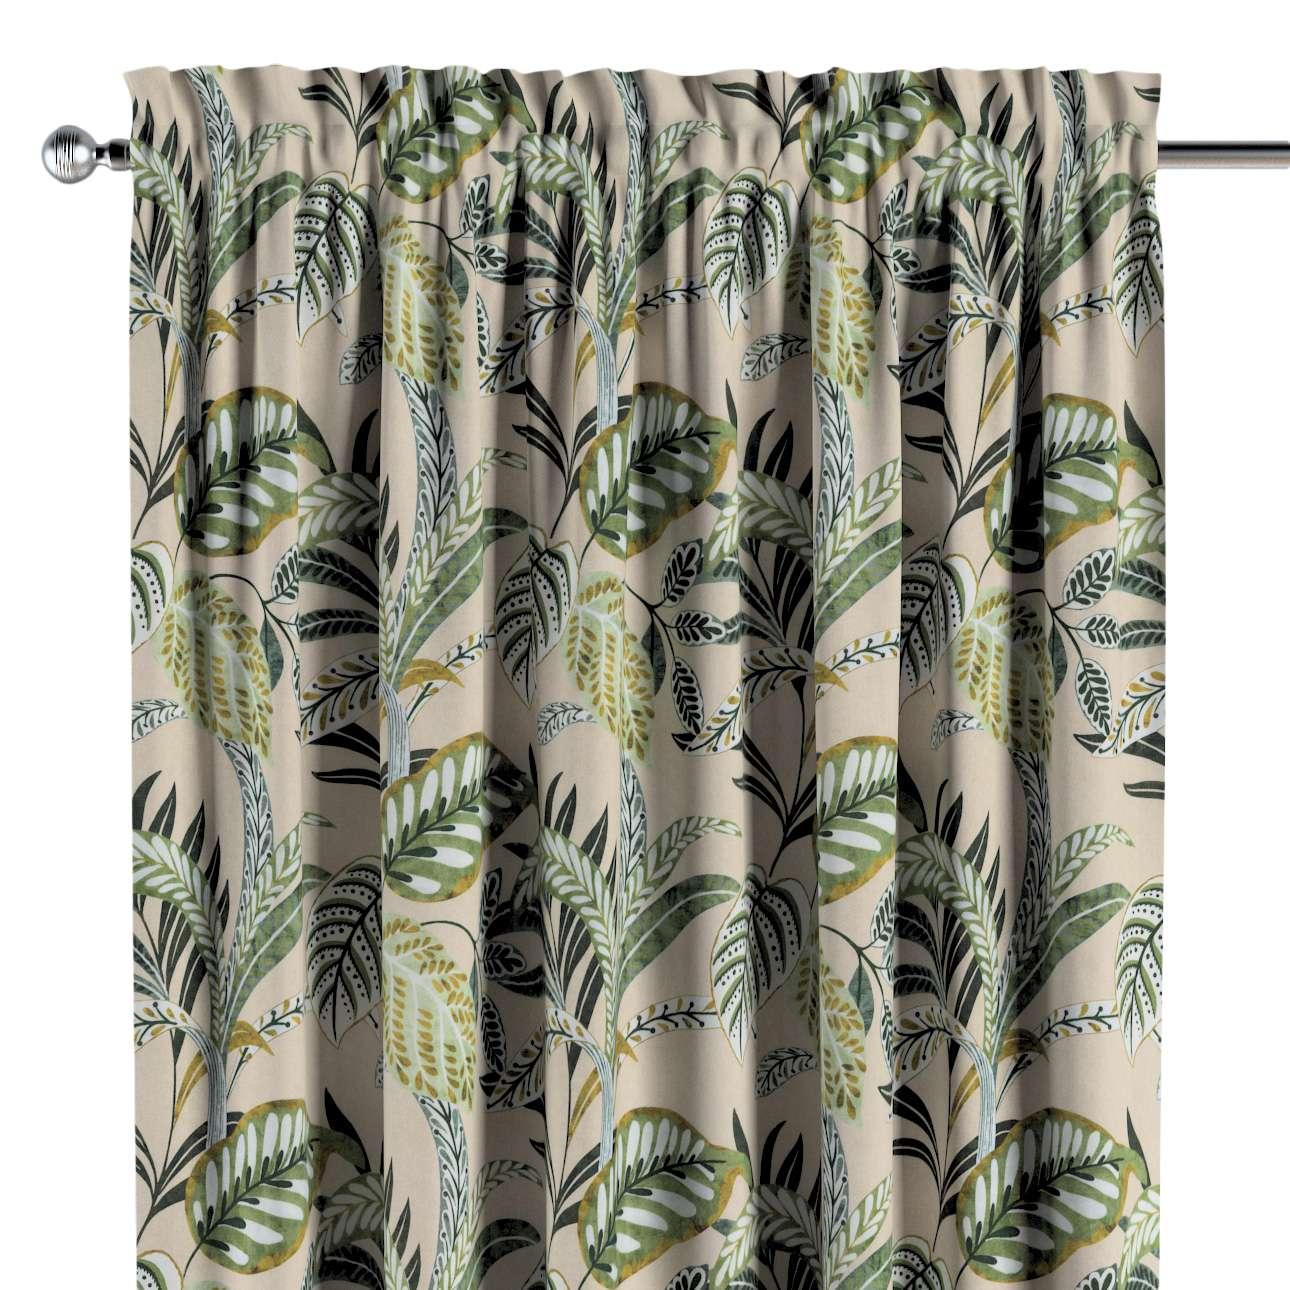 Zasłona na kanale z grzywką 1 szt. w kolekcji Tropical Island, tkanina: 142-96